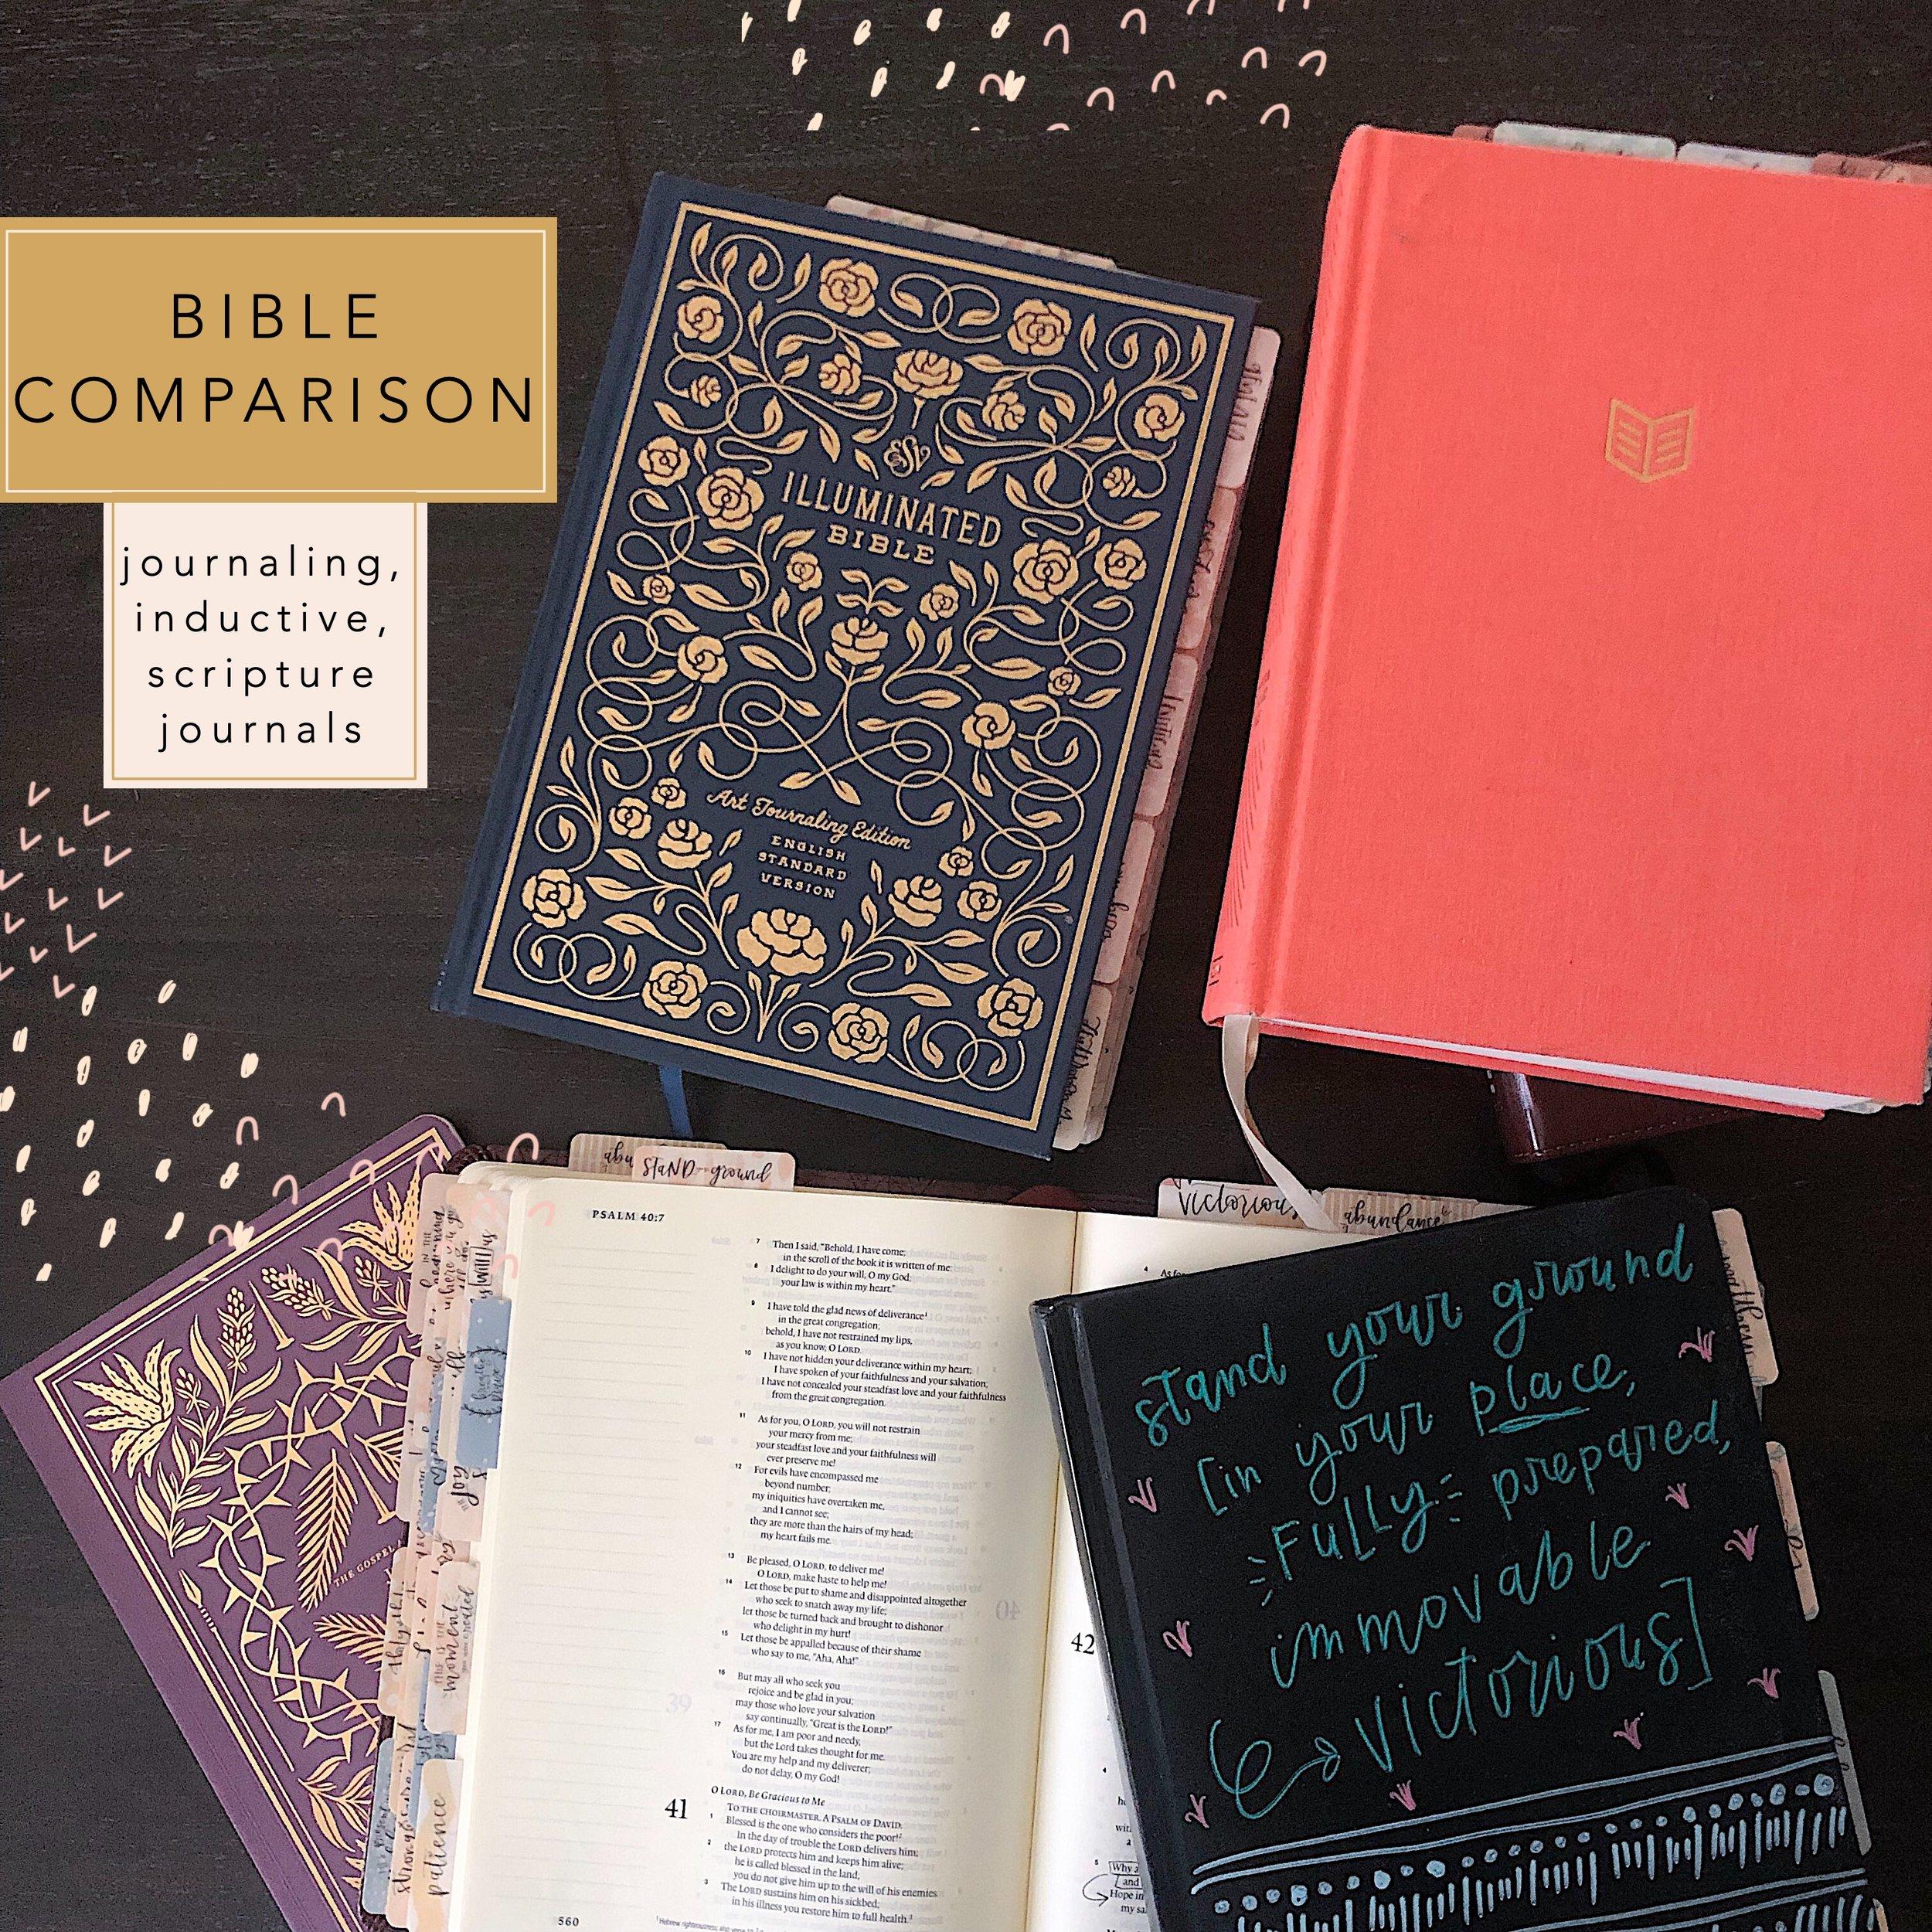 bible comparison blog post